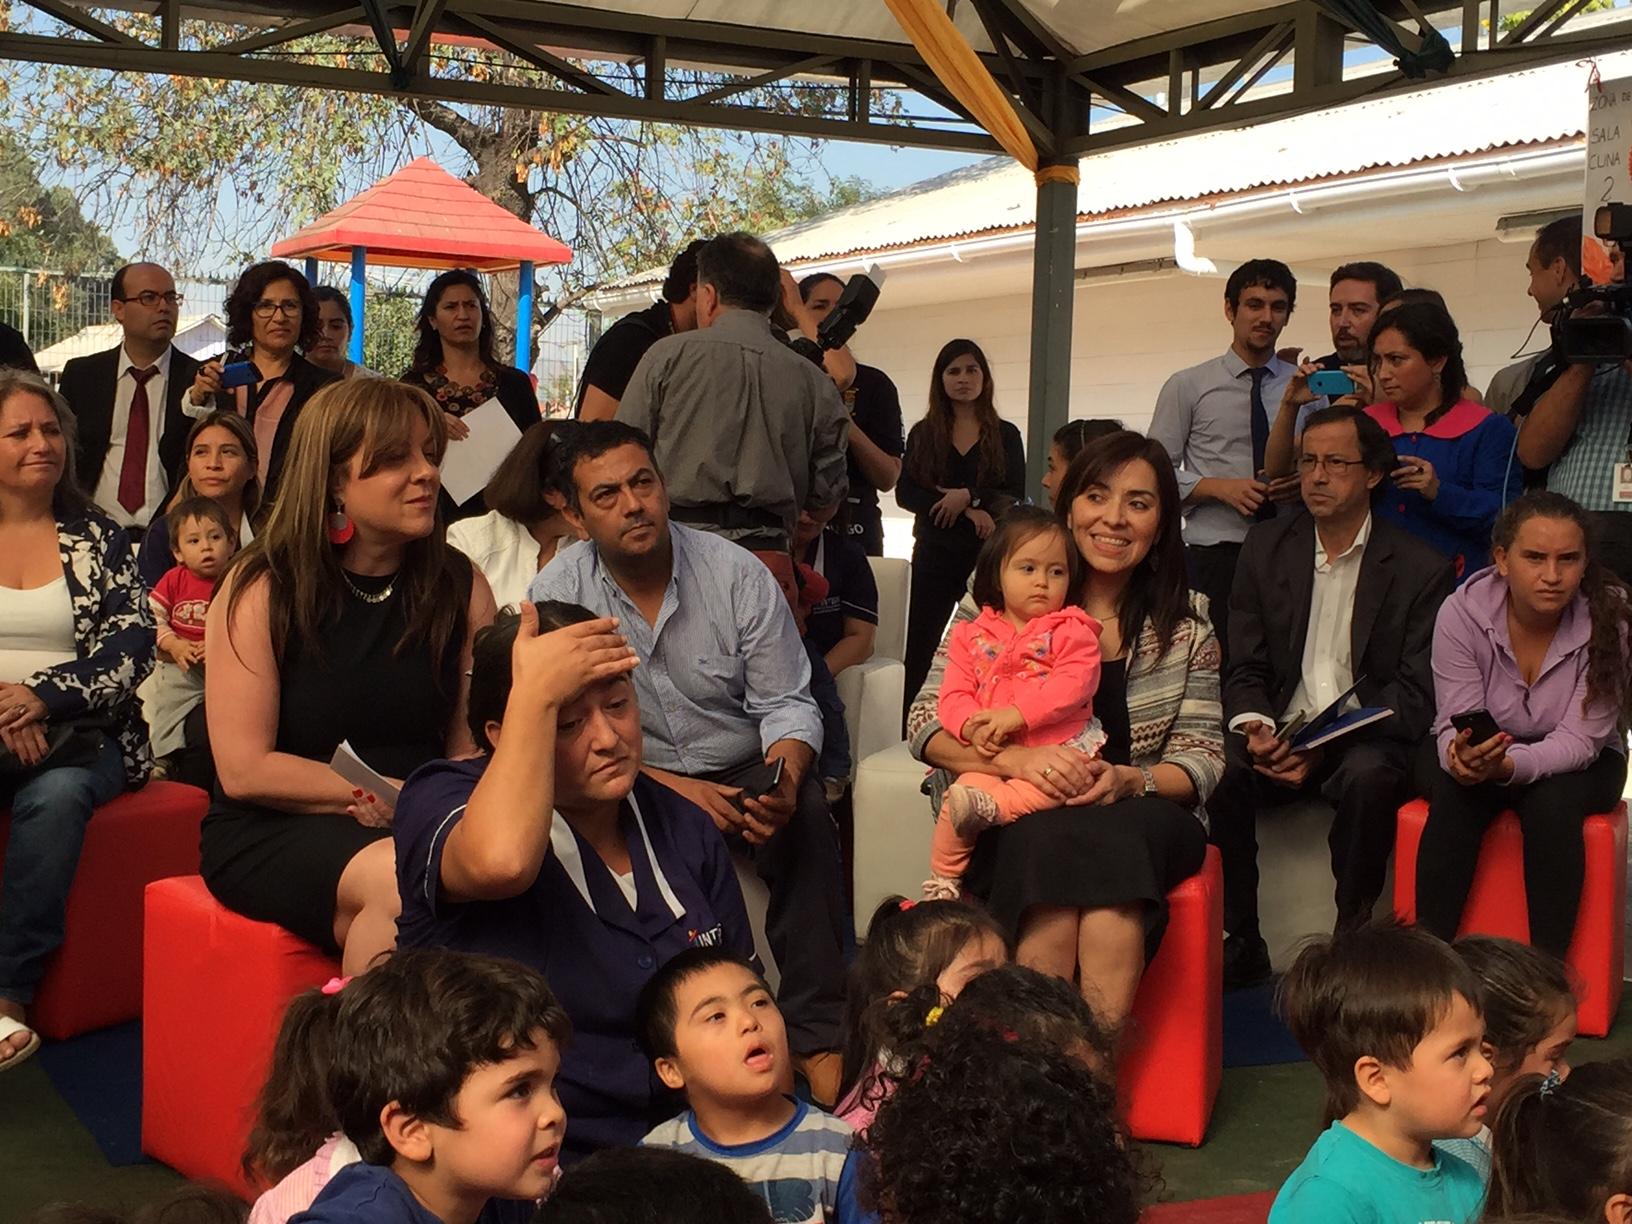 Inicio del año preescolar en nueva sala cuna El Refugio donde participó la Presidenta Michelle Bachelet.